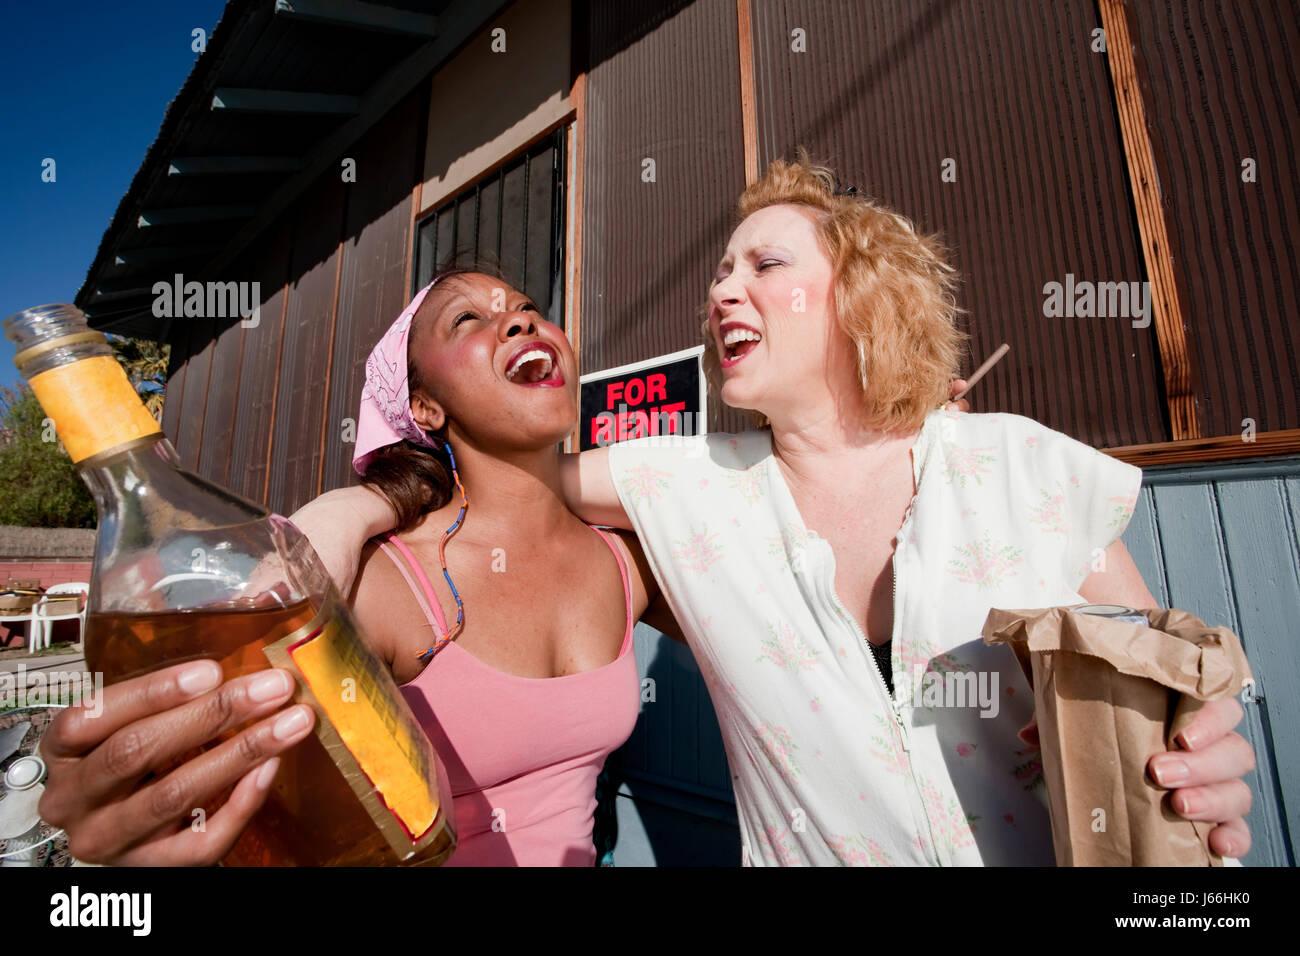 Пьяные поменялись женами, Мужья поменялись женами и делятся впечатлениями 19 фотография